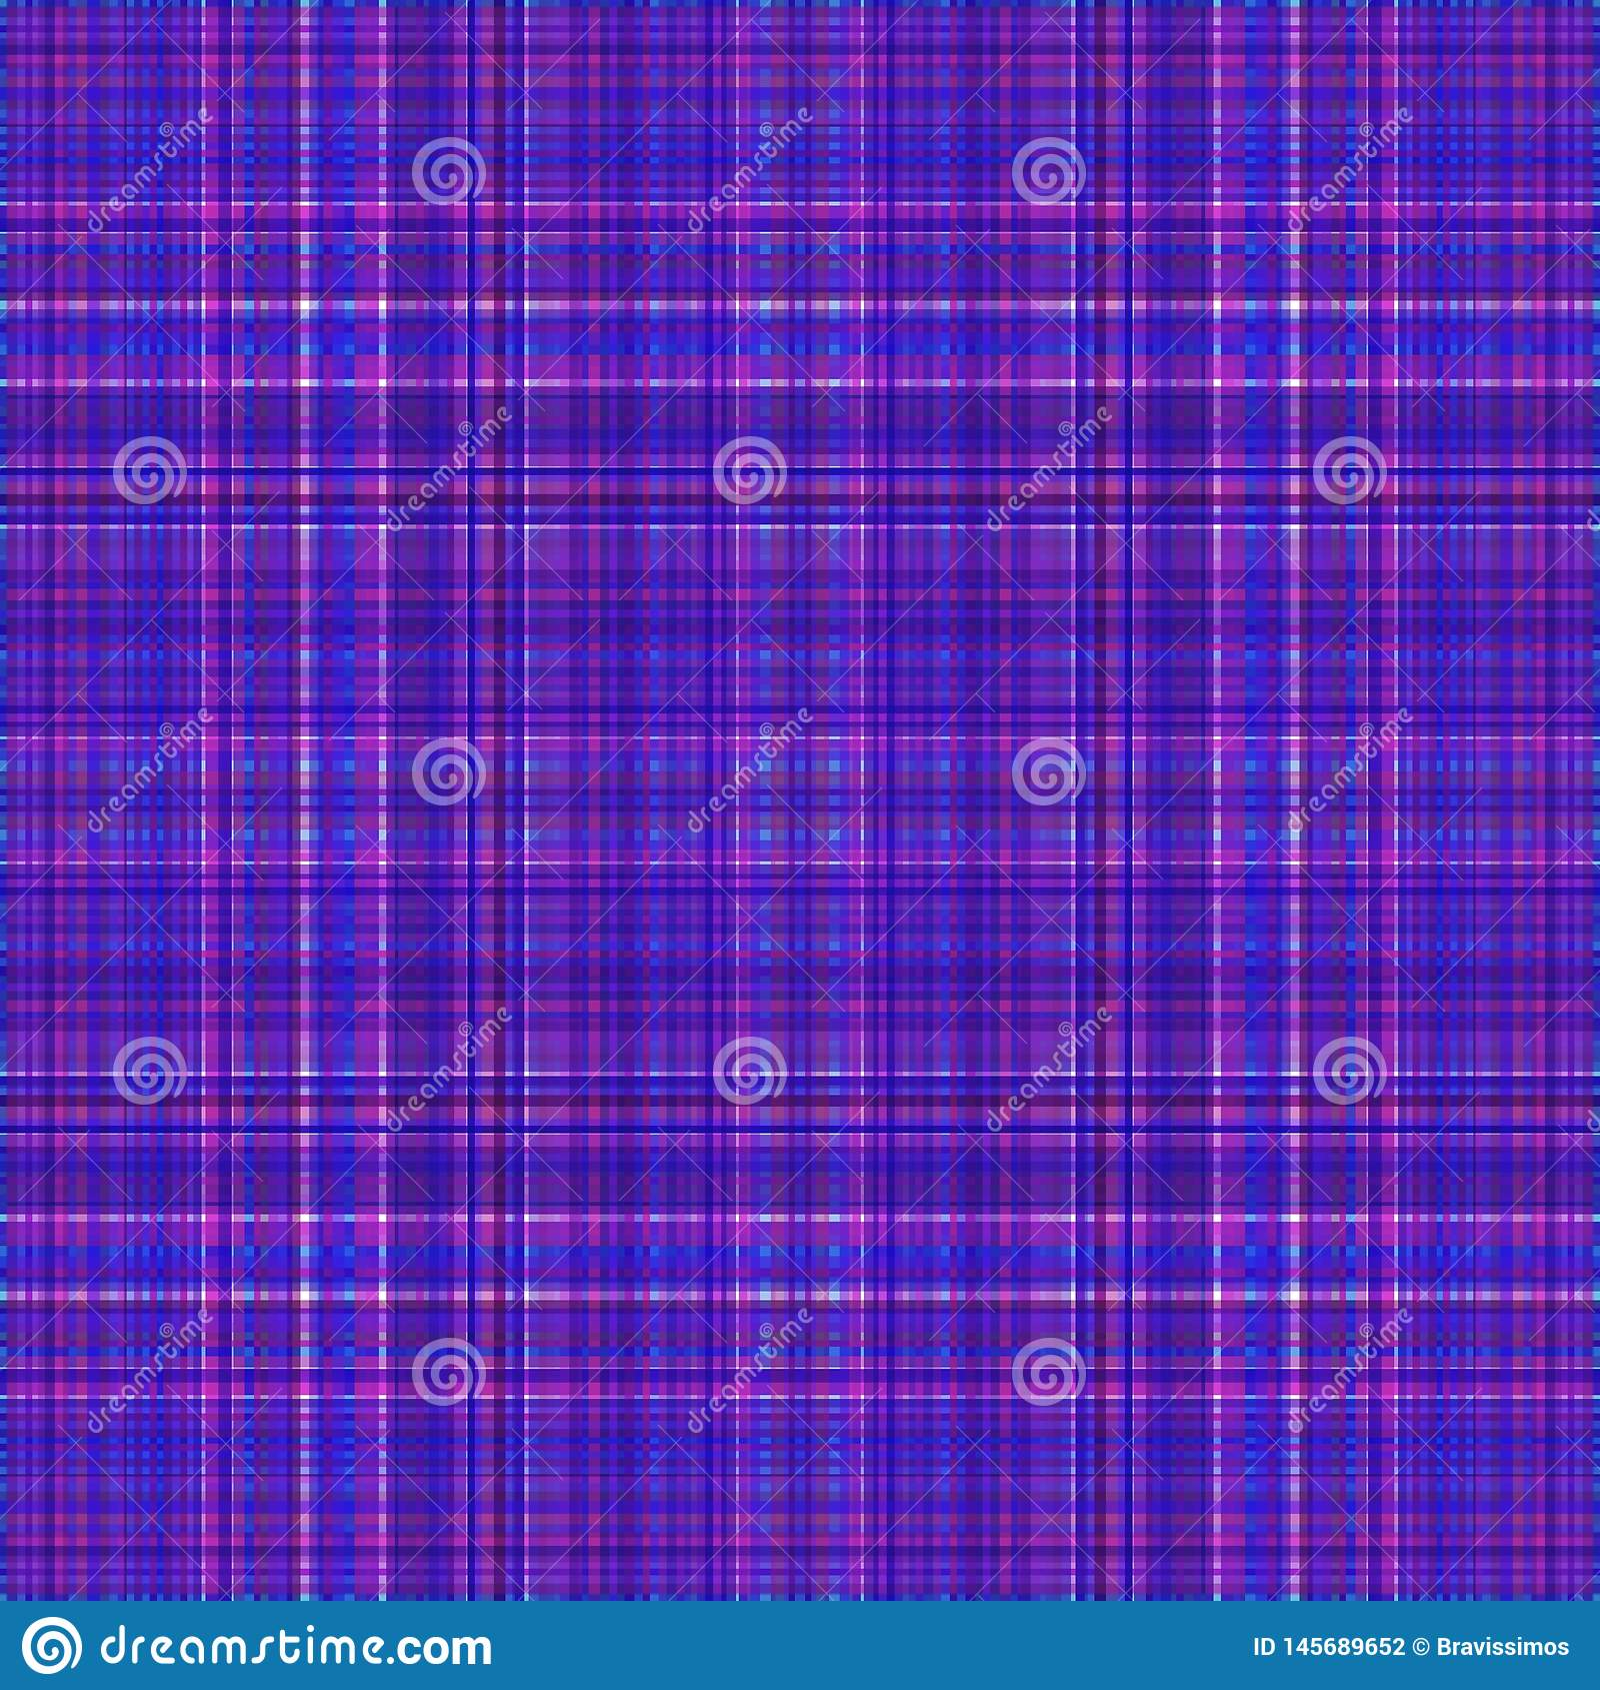 Vierkant hypnotic patroon, geometrische illusie herhaald decor